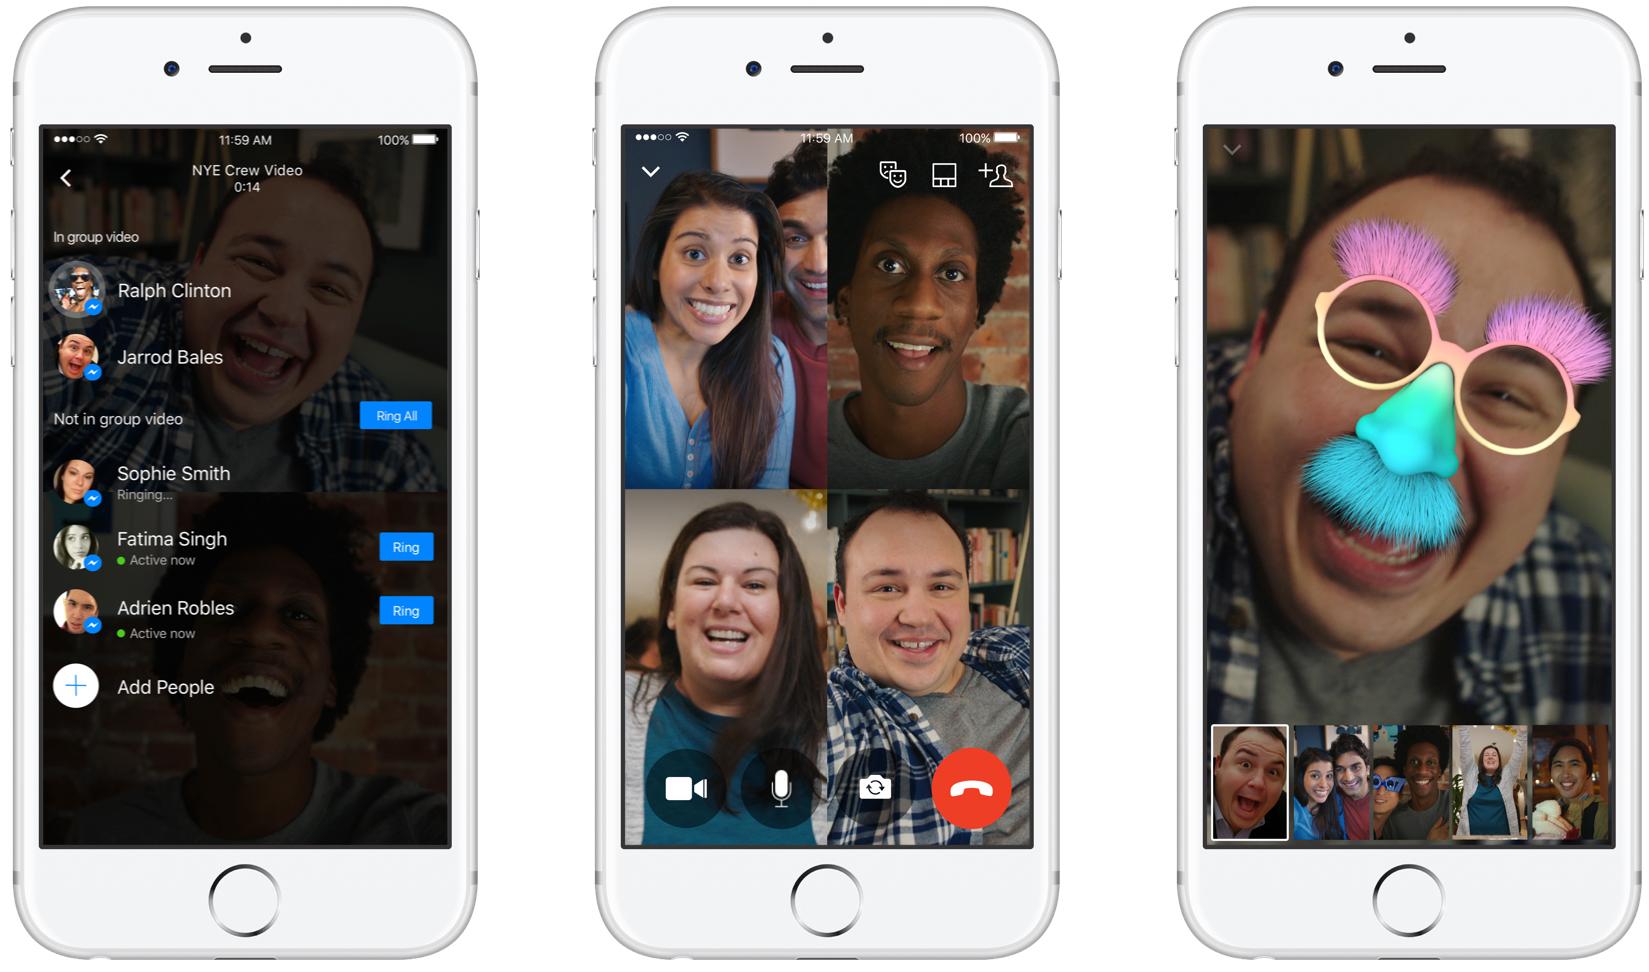 Facebook Messenger Group Video Chat iPhone screenshot 001